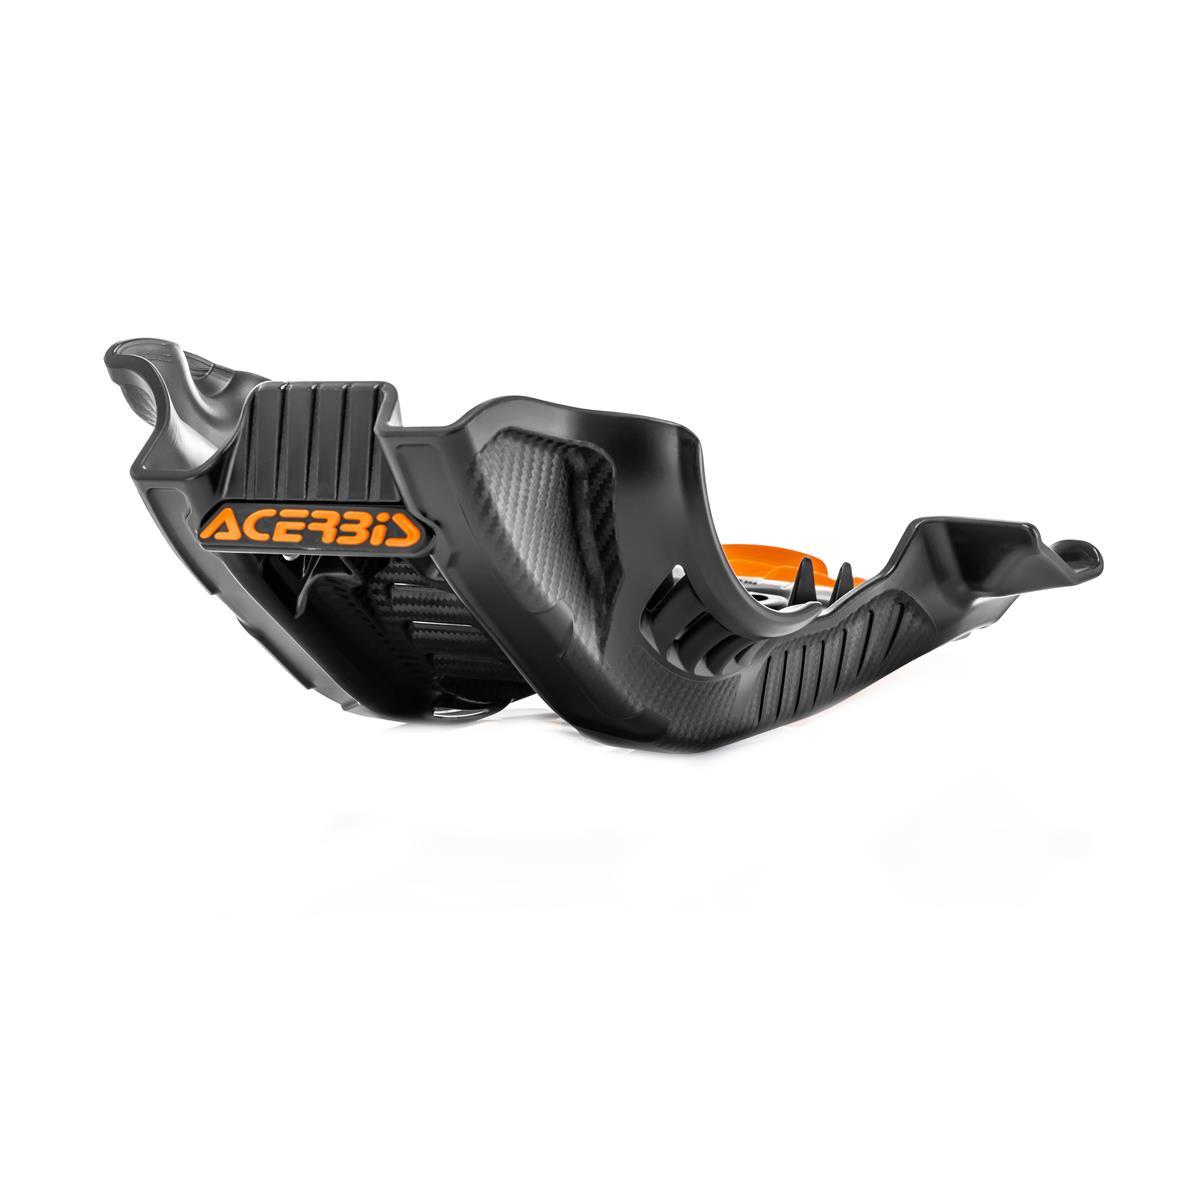 Acerbis Motorschutzplatte  Husqvarna FC 250/350 '19, KTM SX-F 250/350 '19, Schwarz/Orange